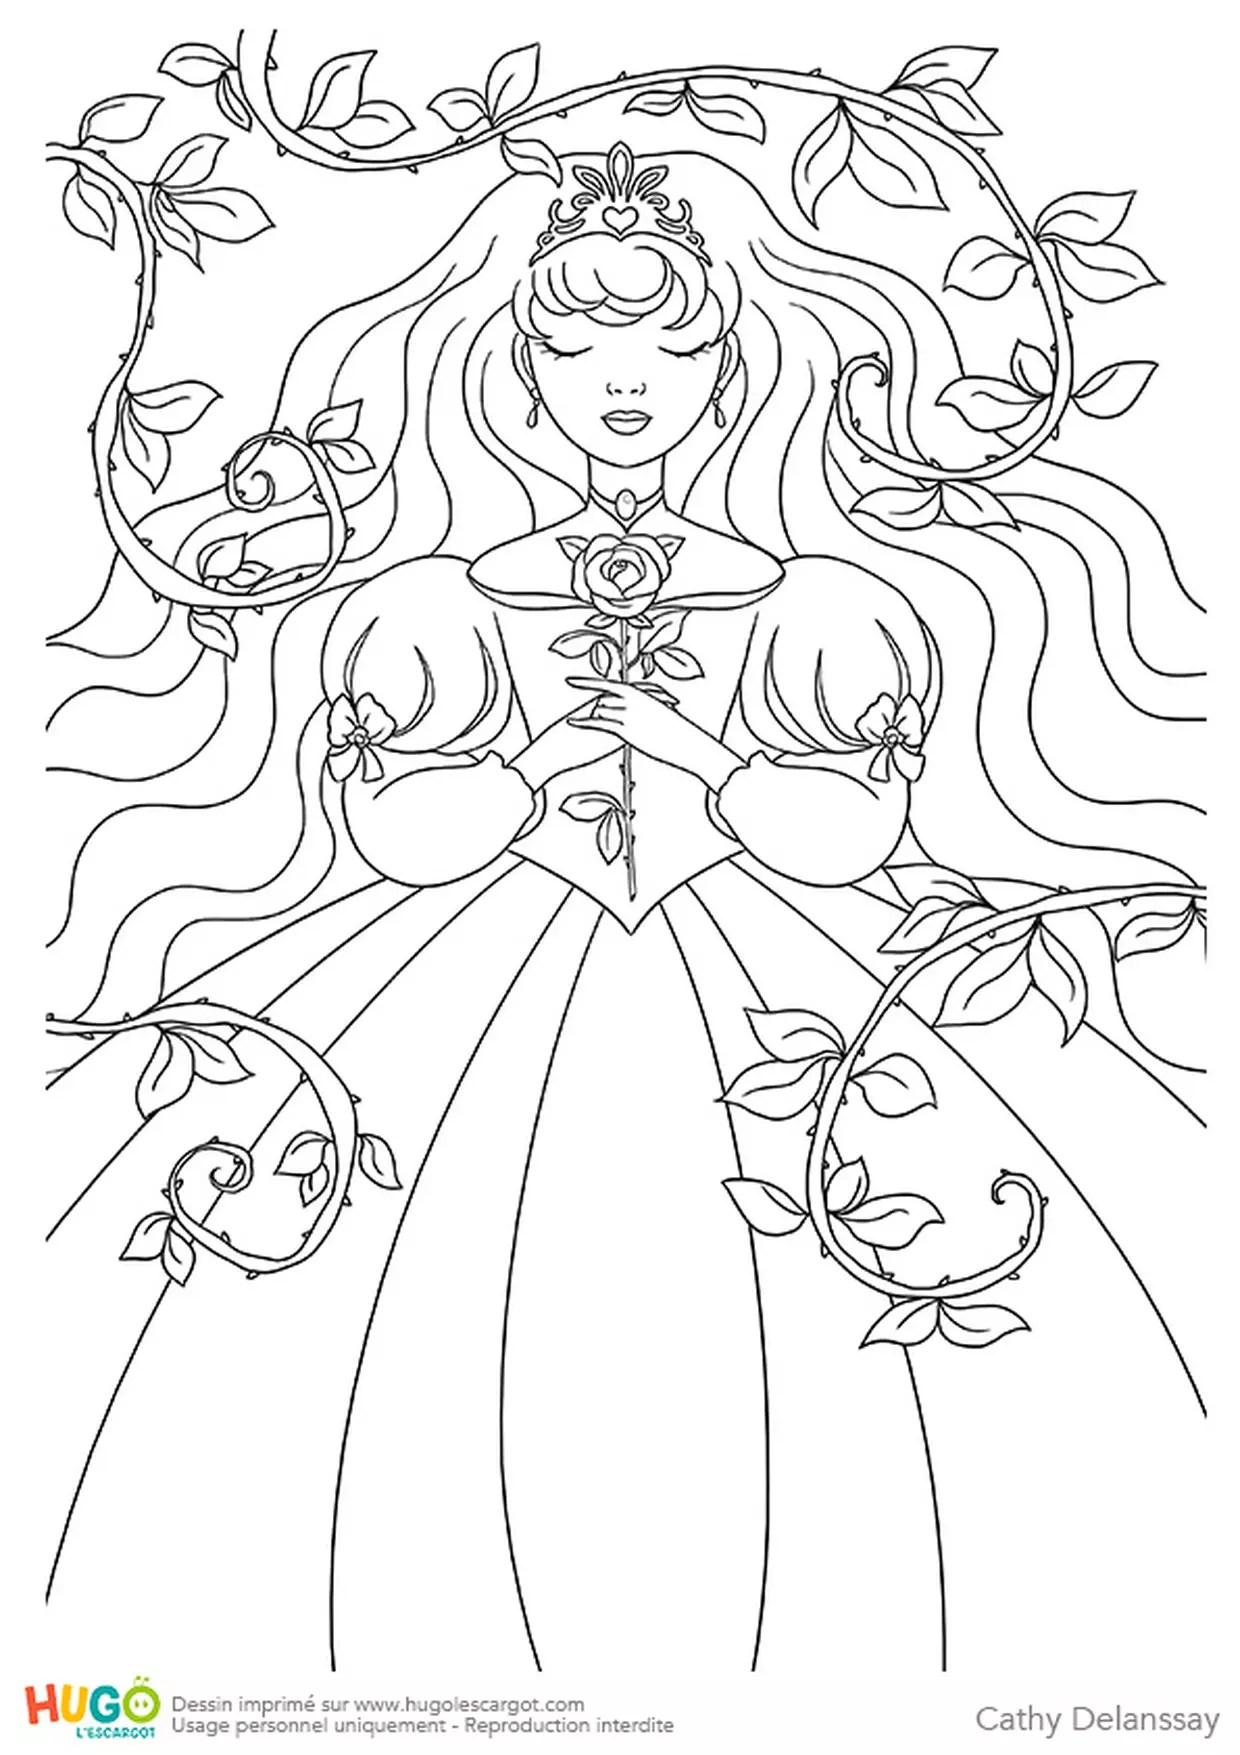 Dessin La Belle Au Bois Dormant : dessin, belle, dormant, Belle, Dormant